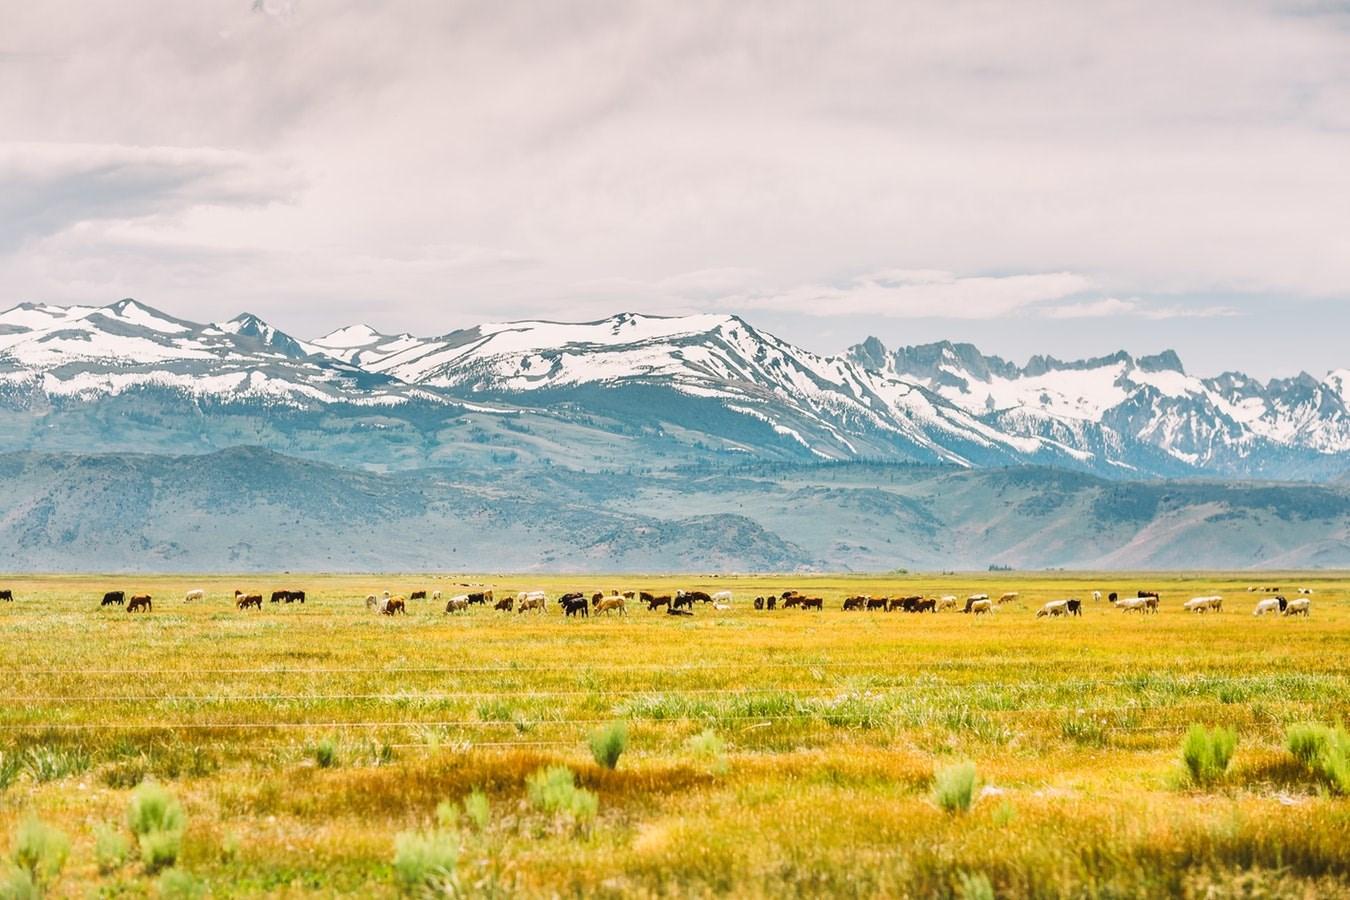 Stock image of cattle in field, Saksham Gangwar @saksham